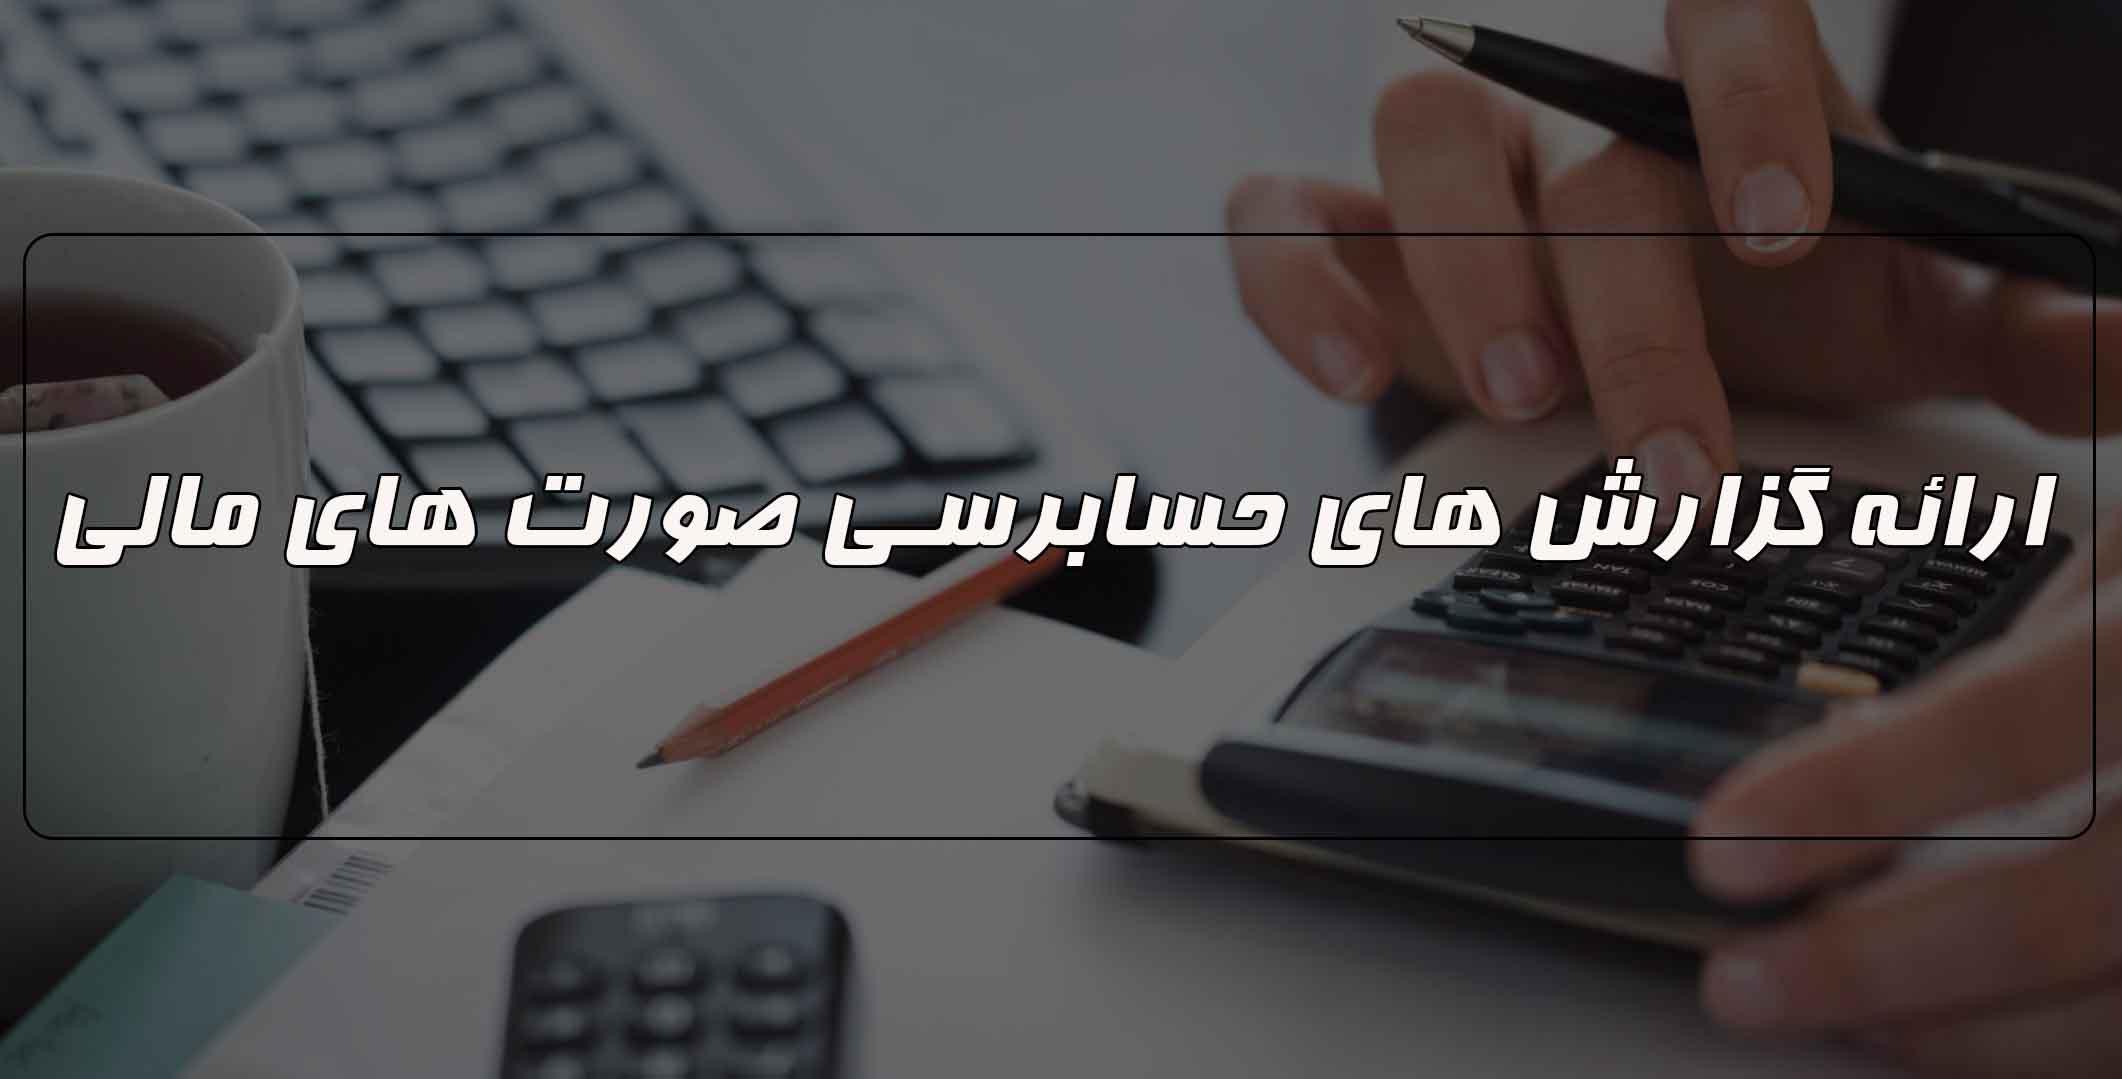 خدمات حسابرسی در زمینه ارائه گزارش های صورت های مالی